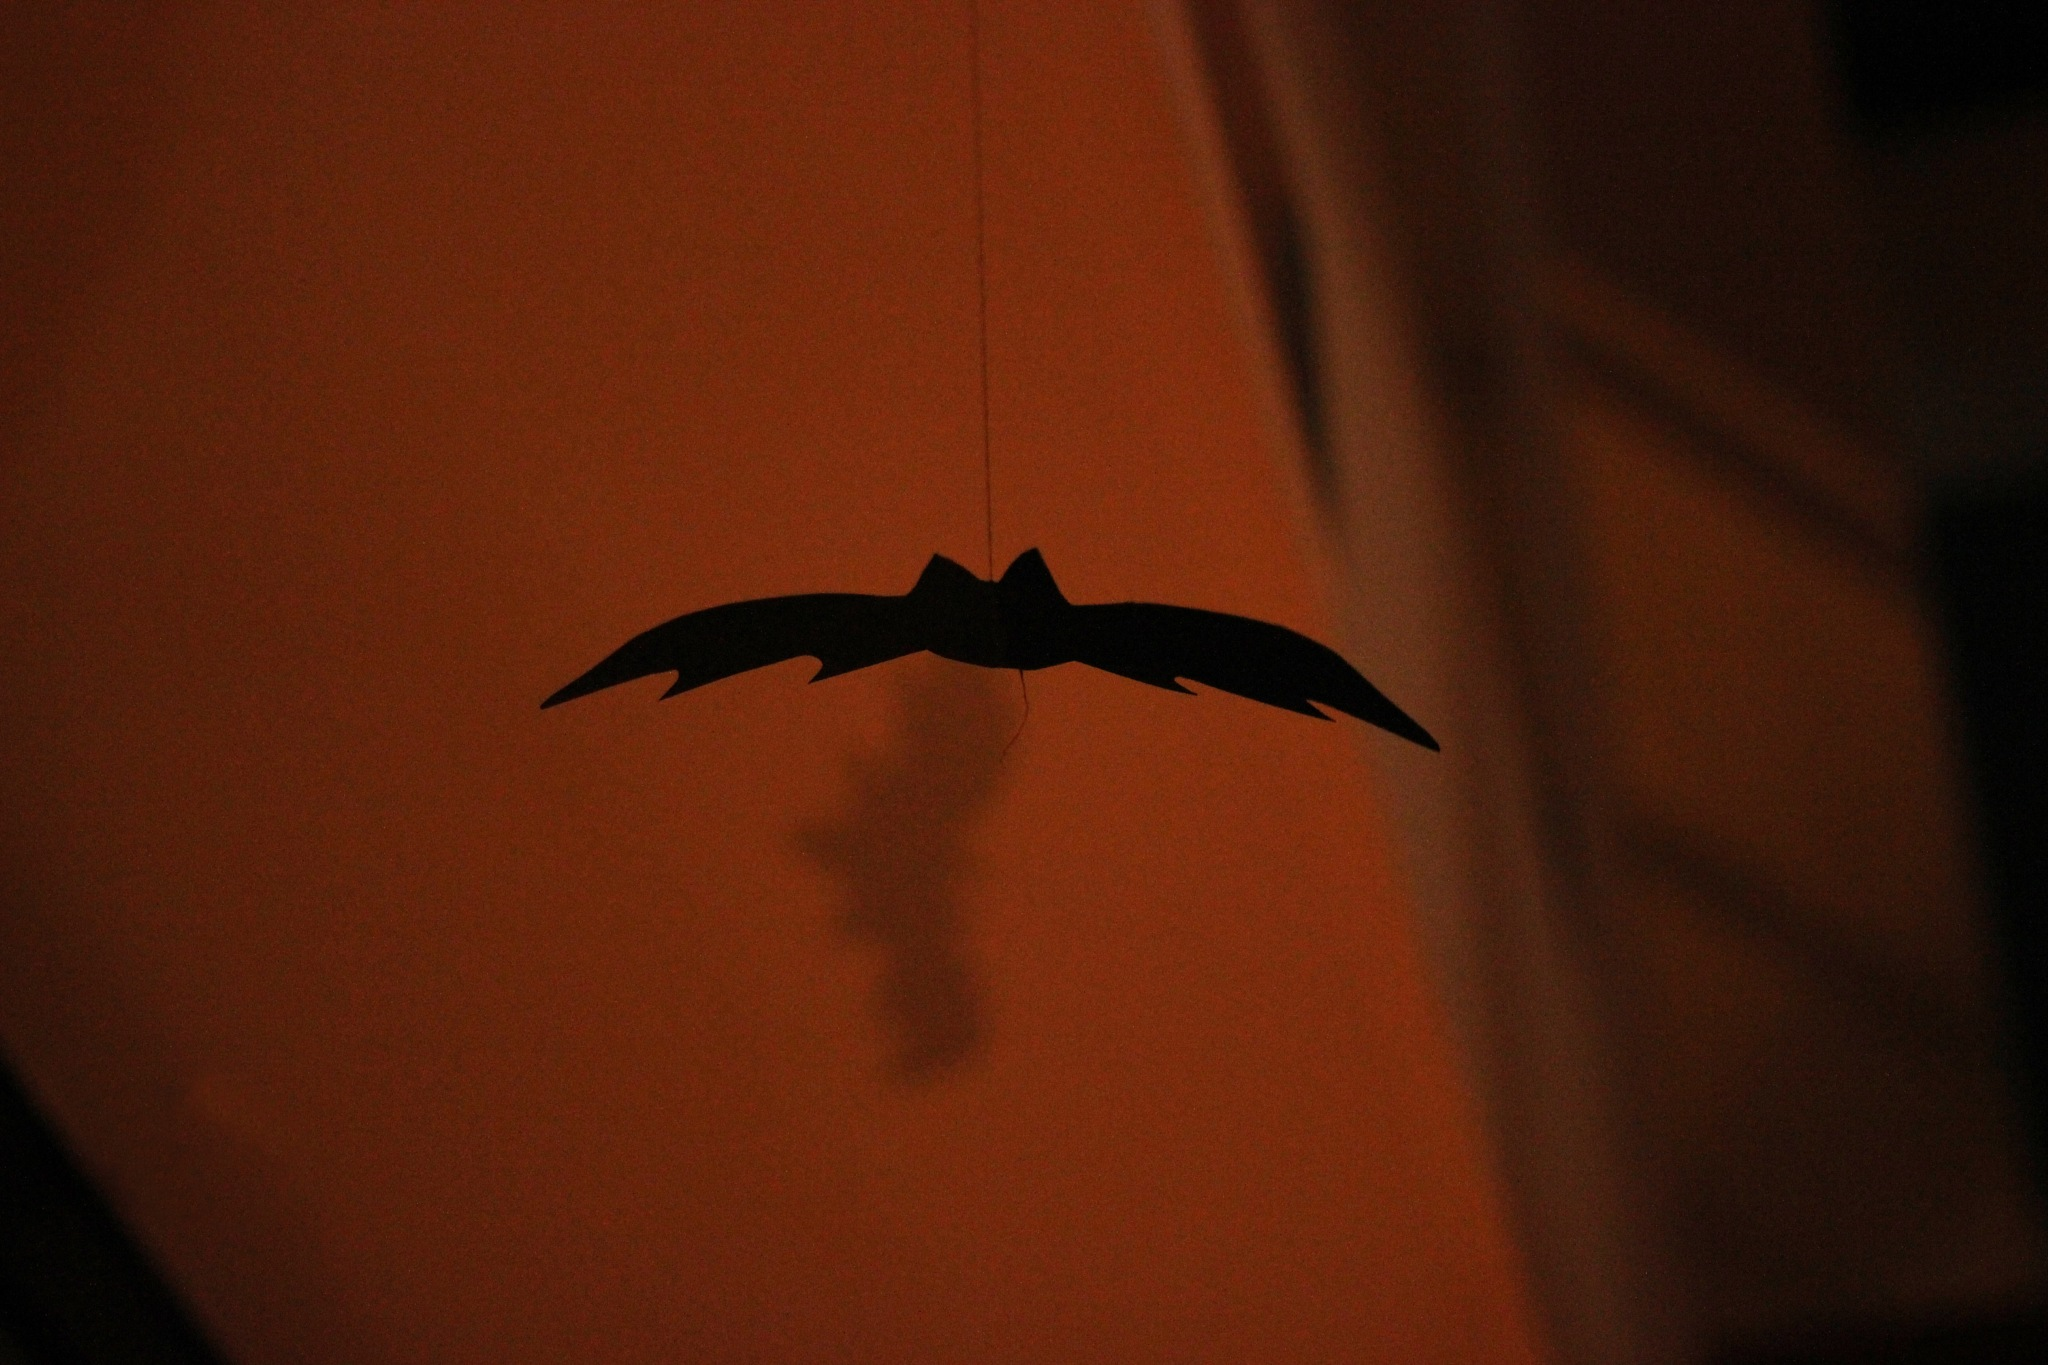 spooky bat by lydiadk